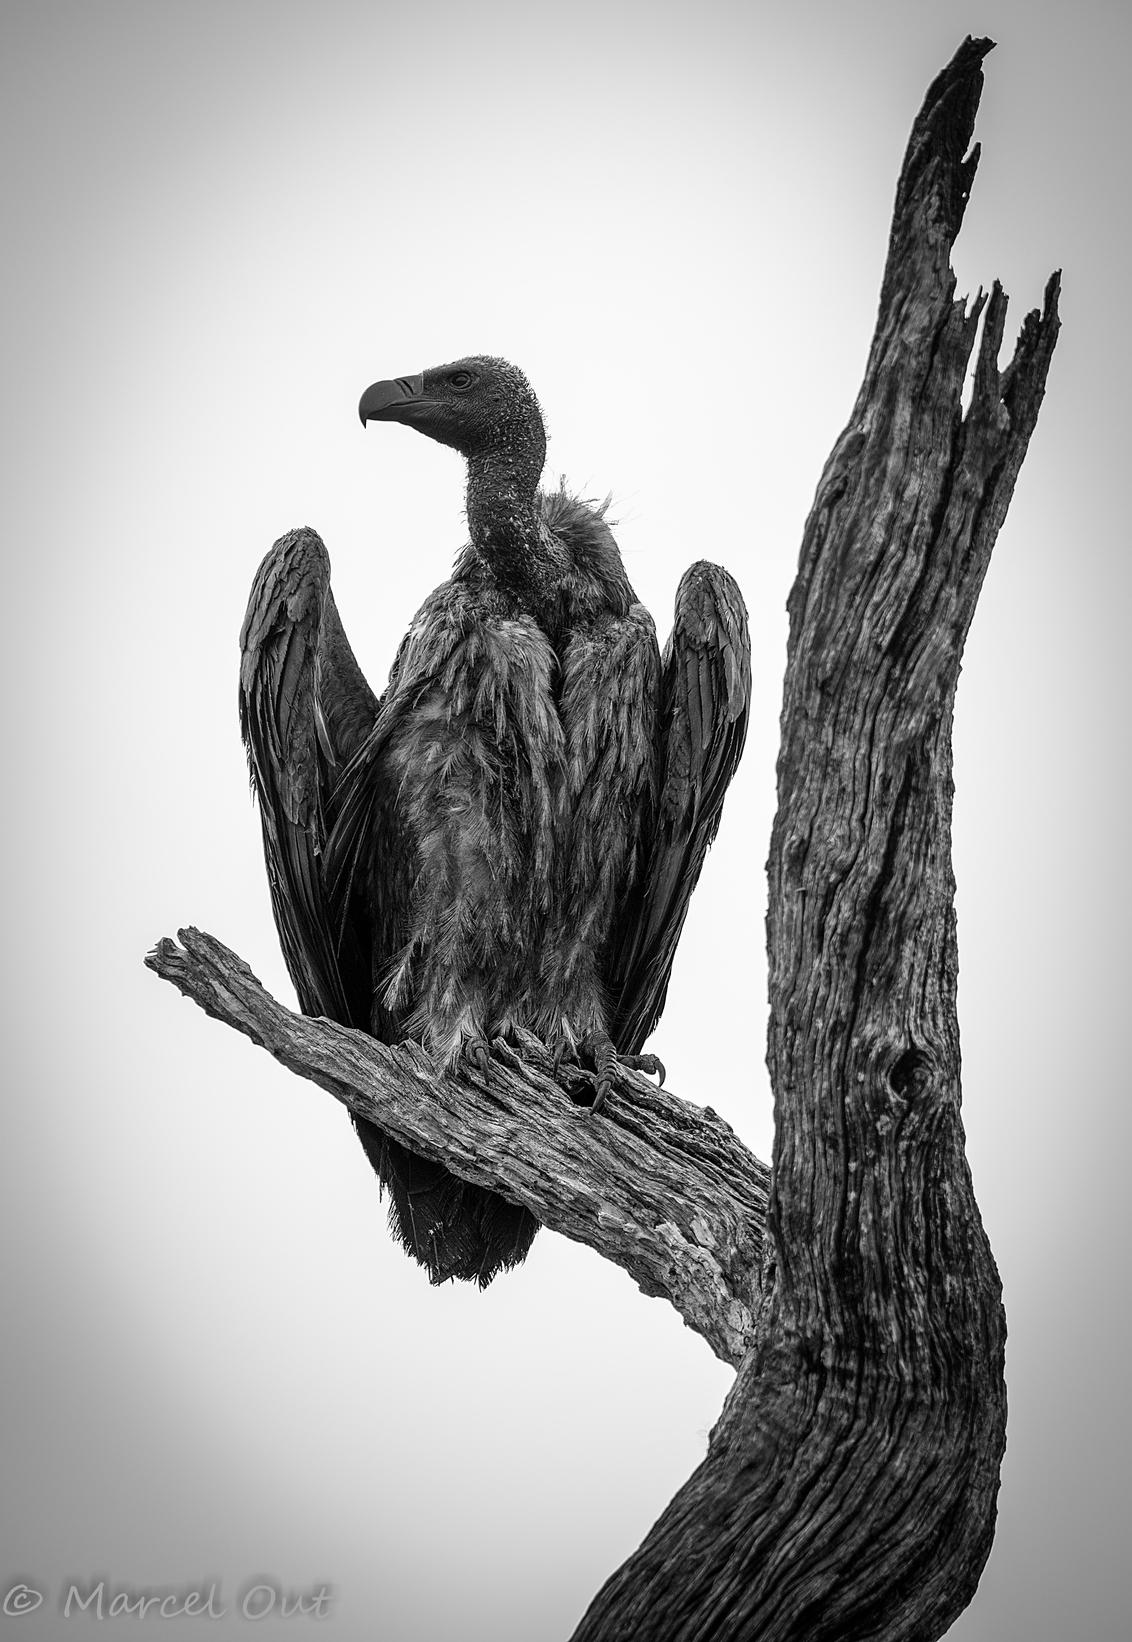 Witrug gier - Witrug gier Kruger Park, Zuid Afrika - foto door marcelout op 09-12-2015 - deze foto bevat: boom, dieren, safari, vogel, gier, afrika, wildlife, kruger, B/W, wit rug